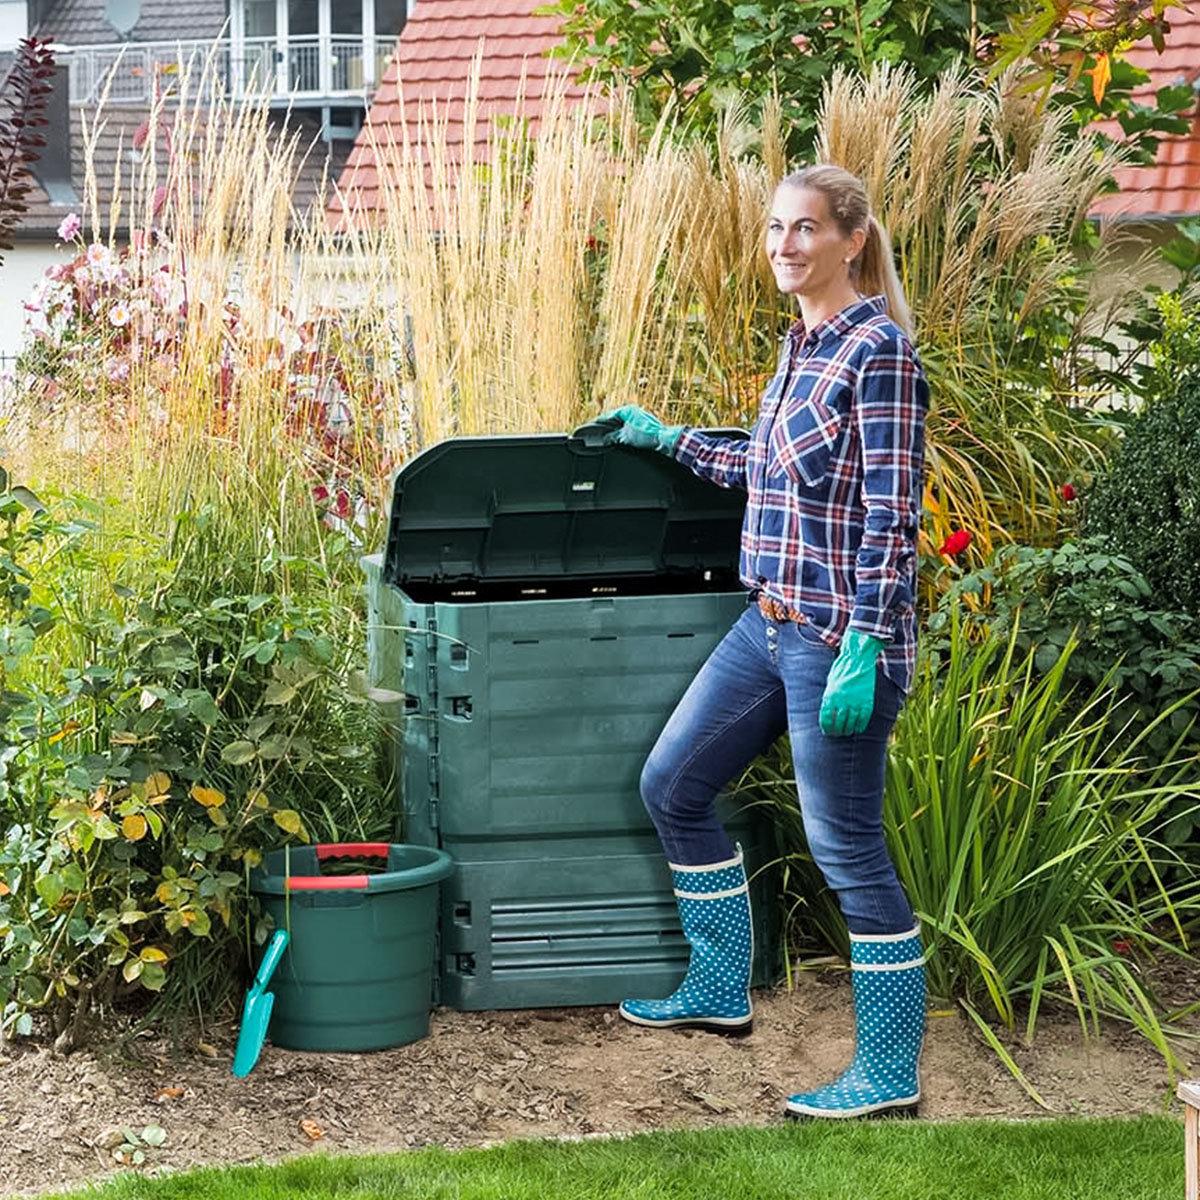 Komposter Thermo King, 900 l, grün | #3